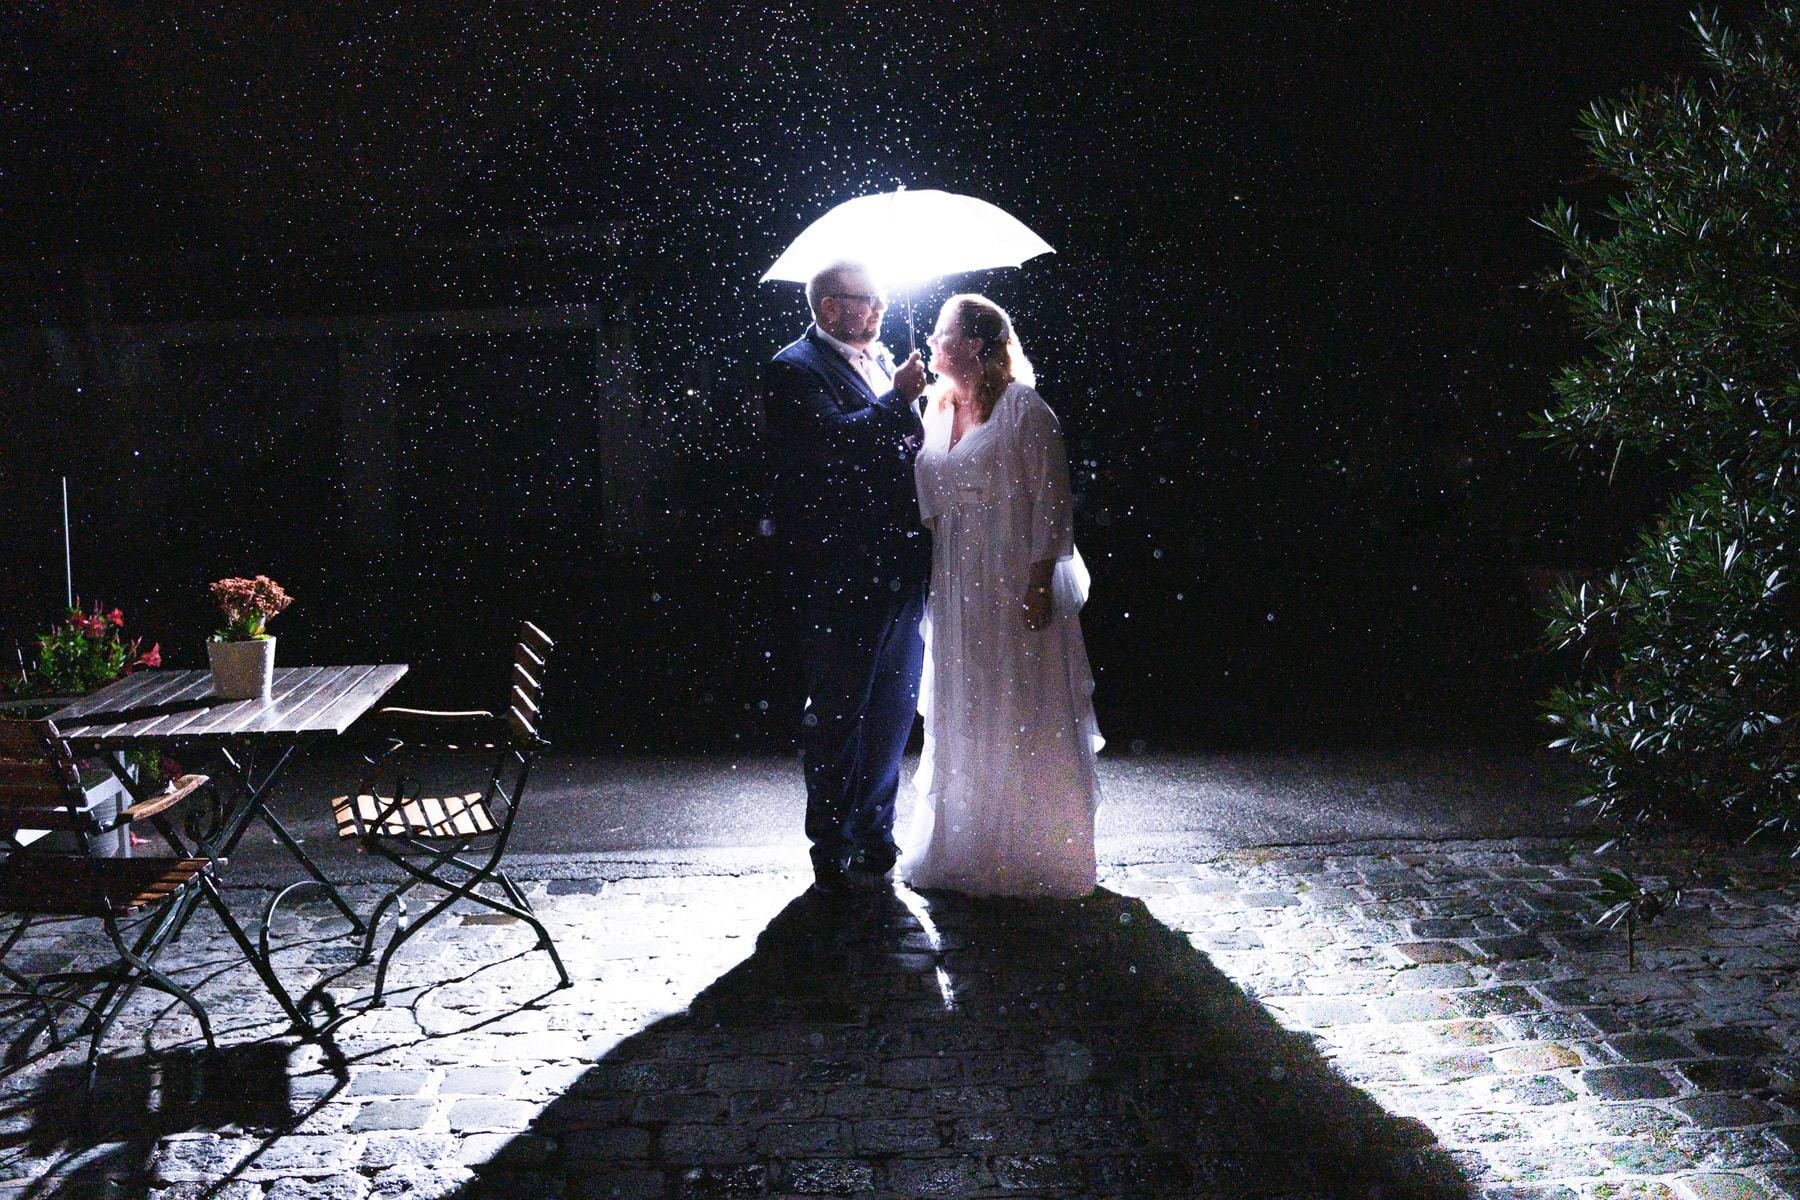 Brautpaar im Regen in der Nacht mit Schirm